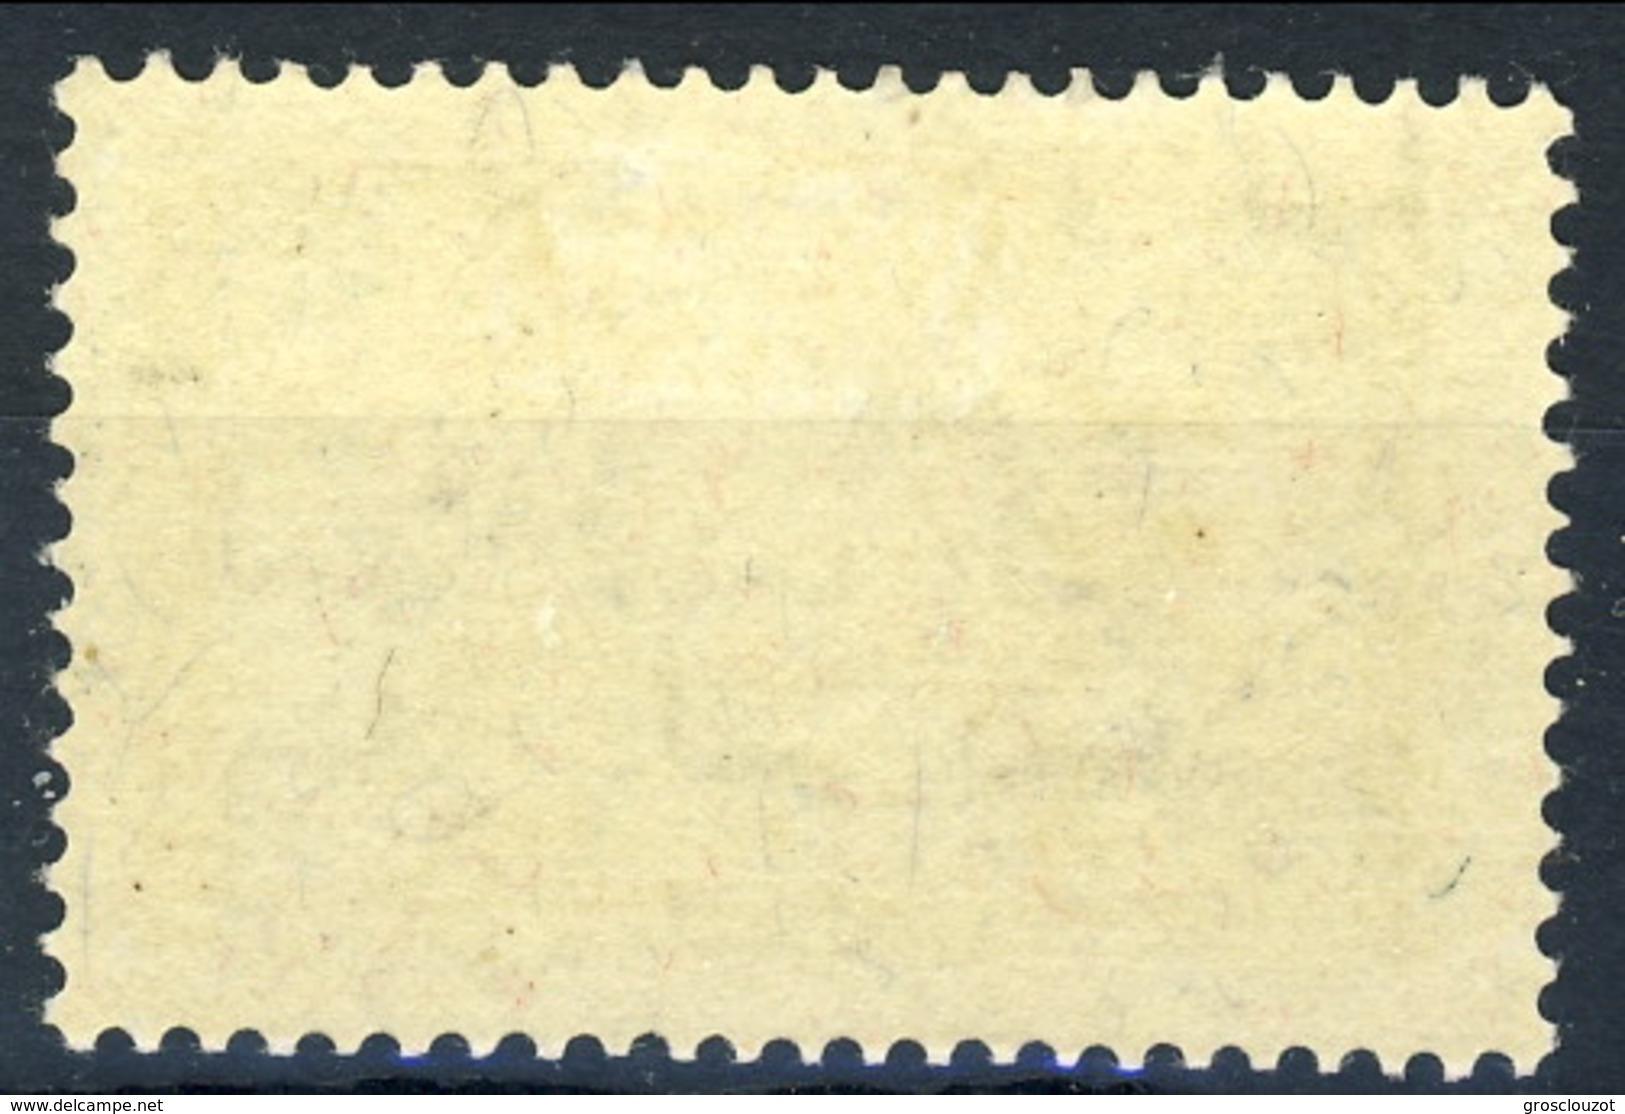 Svizzera 1930 - 31 N. 245 F. 10 Ragazza (Jungfrau) Verde Grigio. MVLH (traccia Di Linguella Invisibile) Cat. € 340 - Svizzera